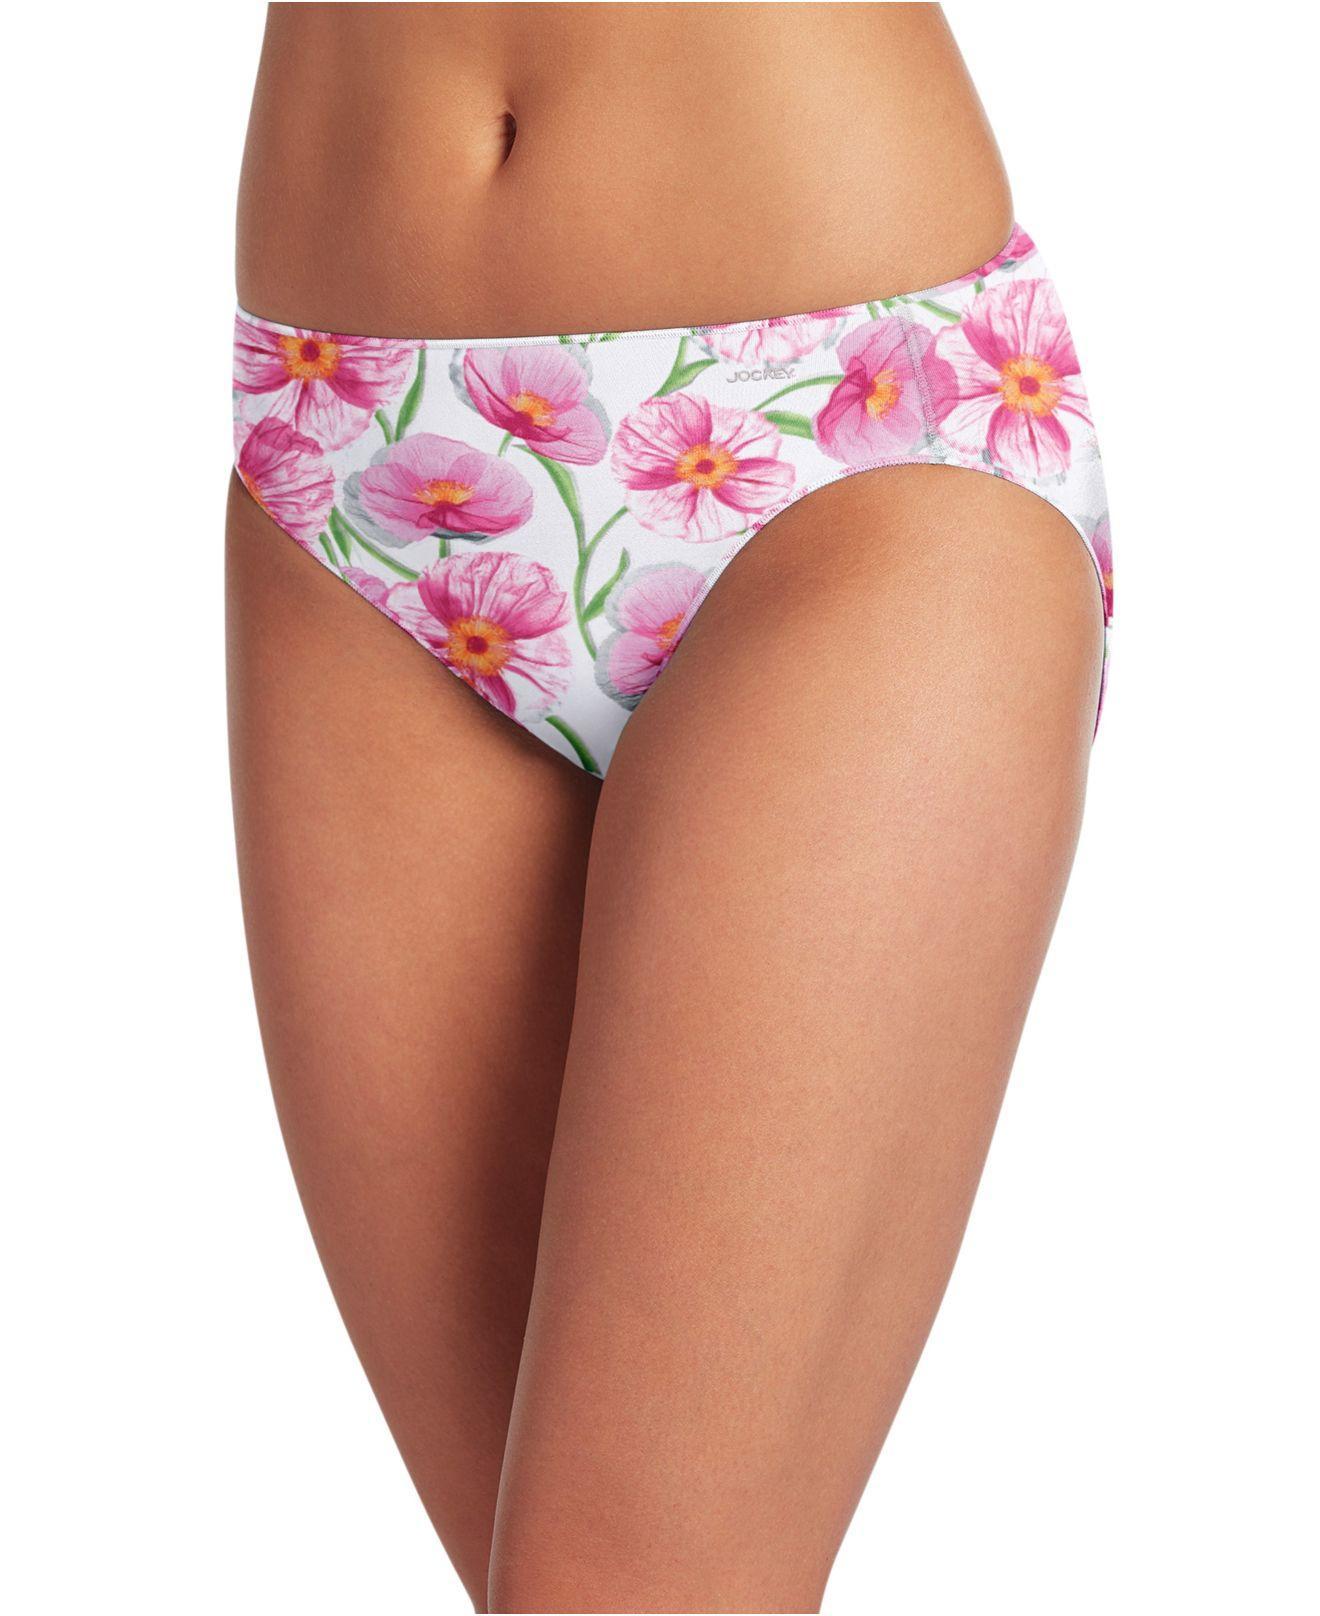 02176cd9312 Lyst - Jockey No Panty Line Promise Bikini 1370 in Pink